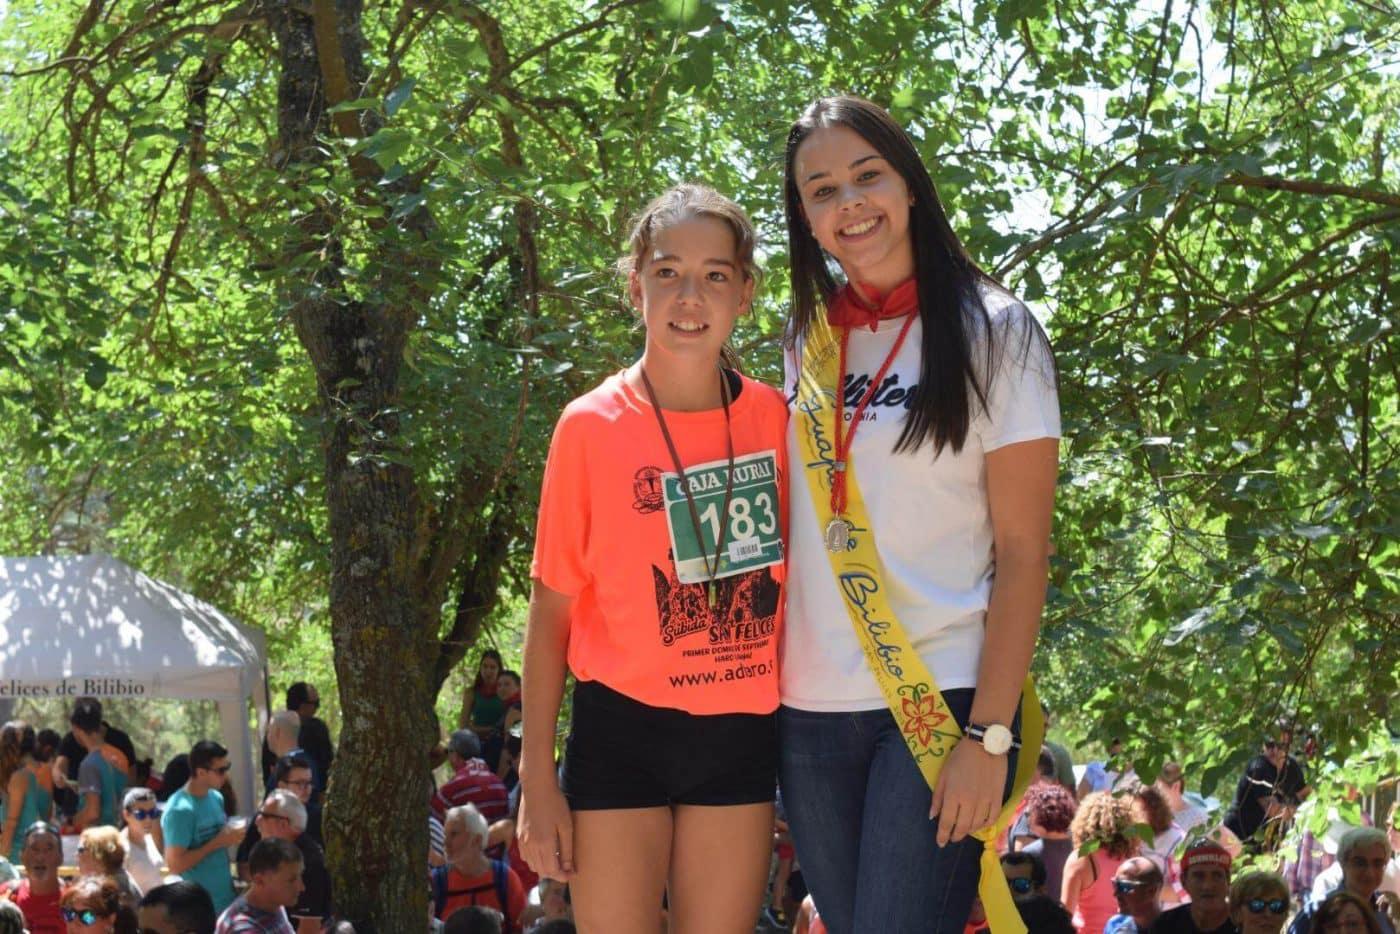 Gustavo Sánchez y Rebeca Peña, ganadores en San Felices 25